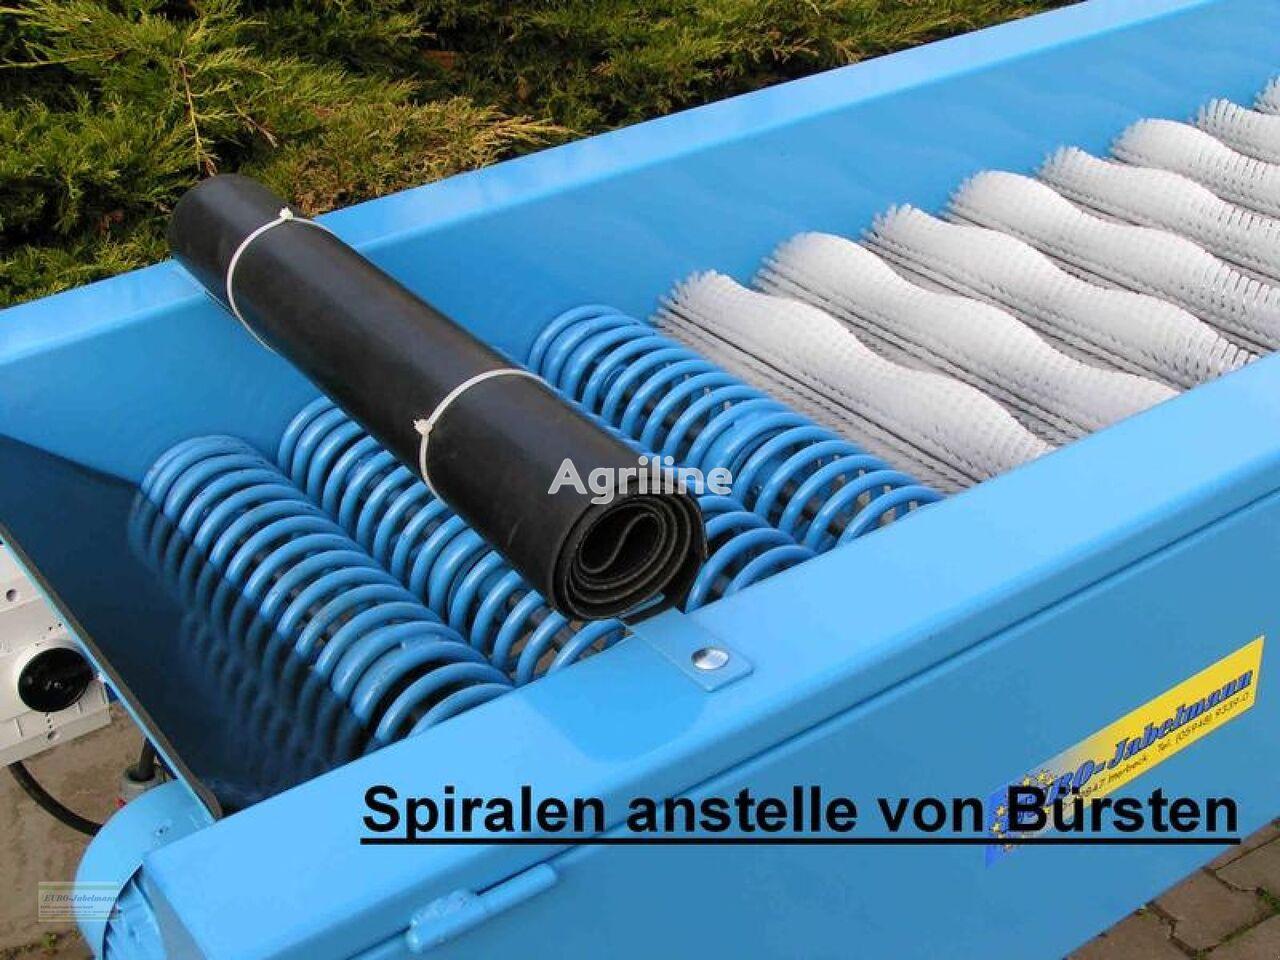 mașină de spălat zarzavaturi EURO-Jabelmann Bürstenmaschine, NEU, 11 Bürsten + 3 Spiralen, 550 mm breit nou